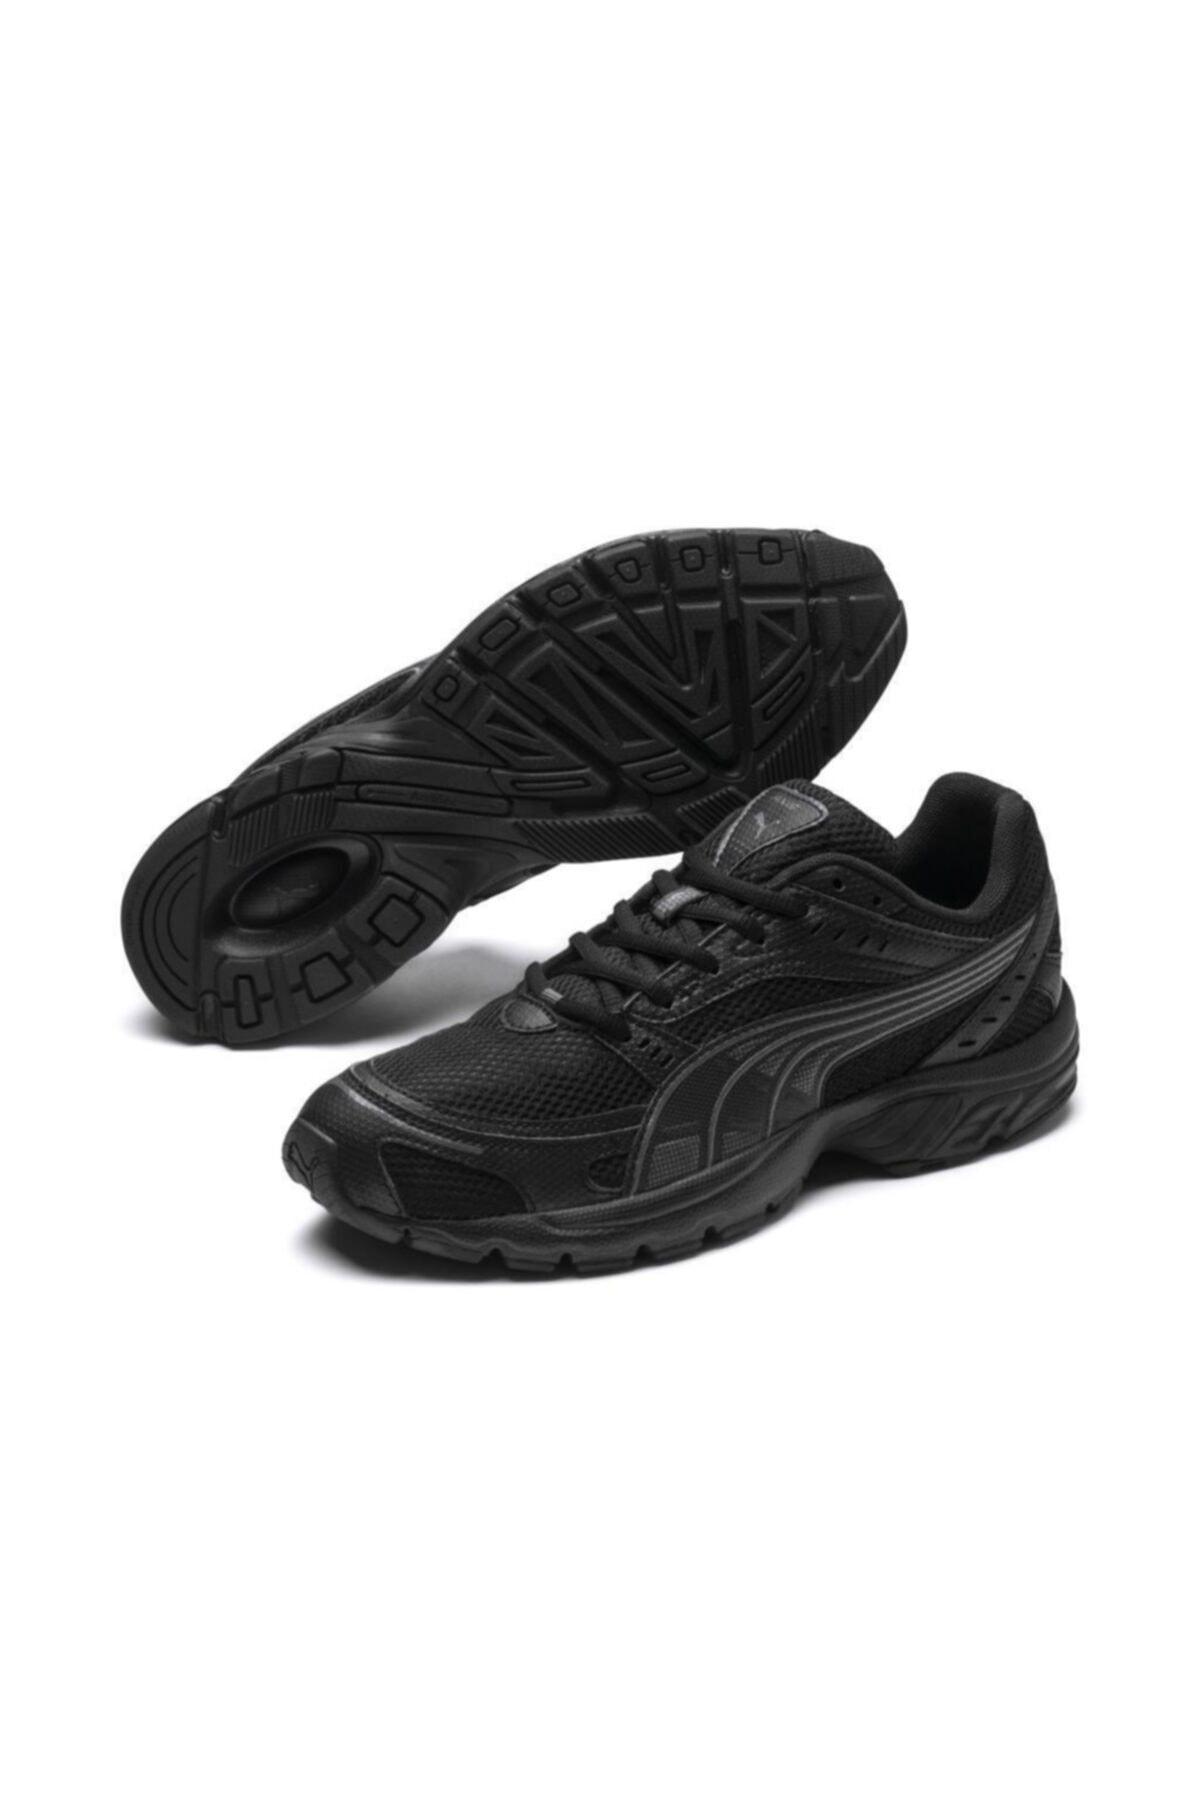 Puma Siyah Koşu Ayakkabısı 2